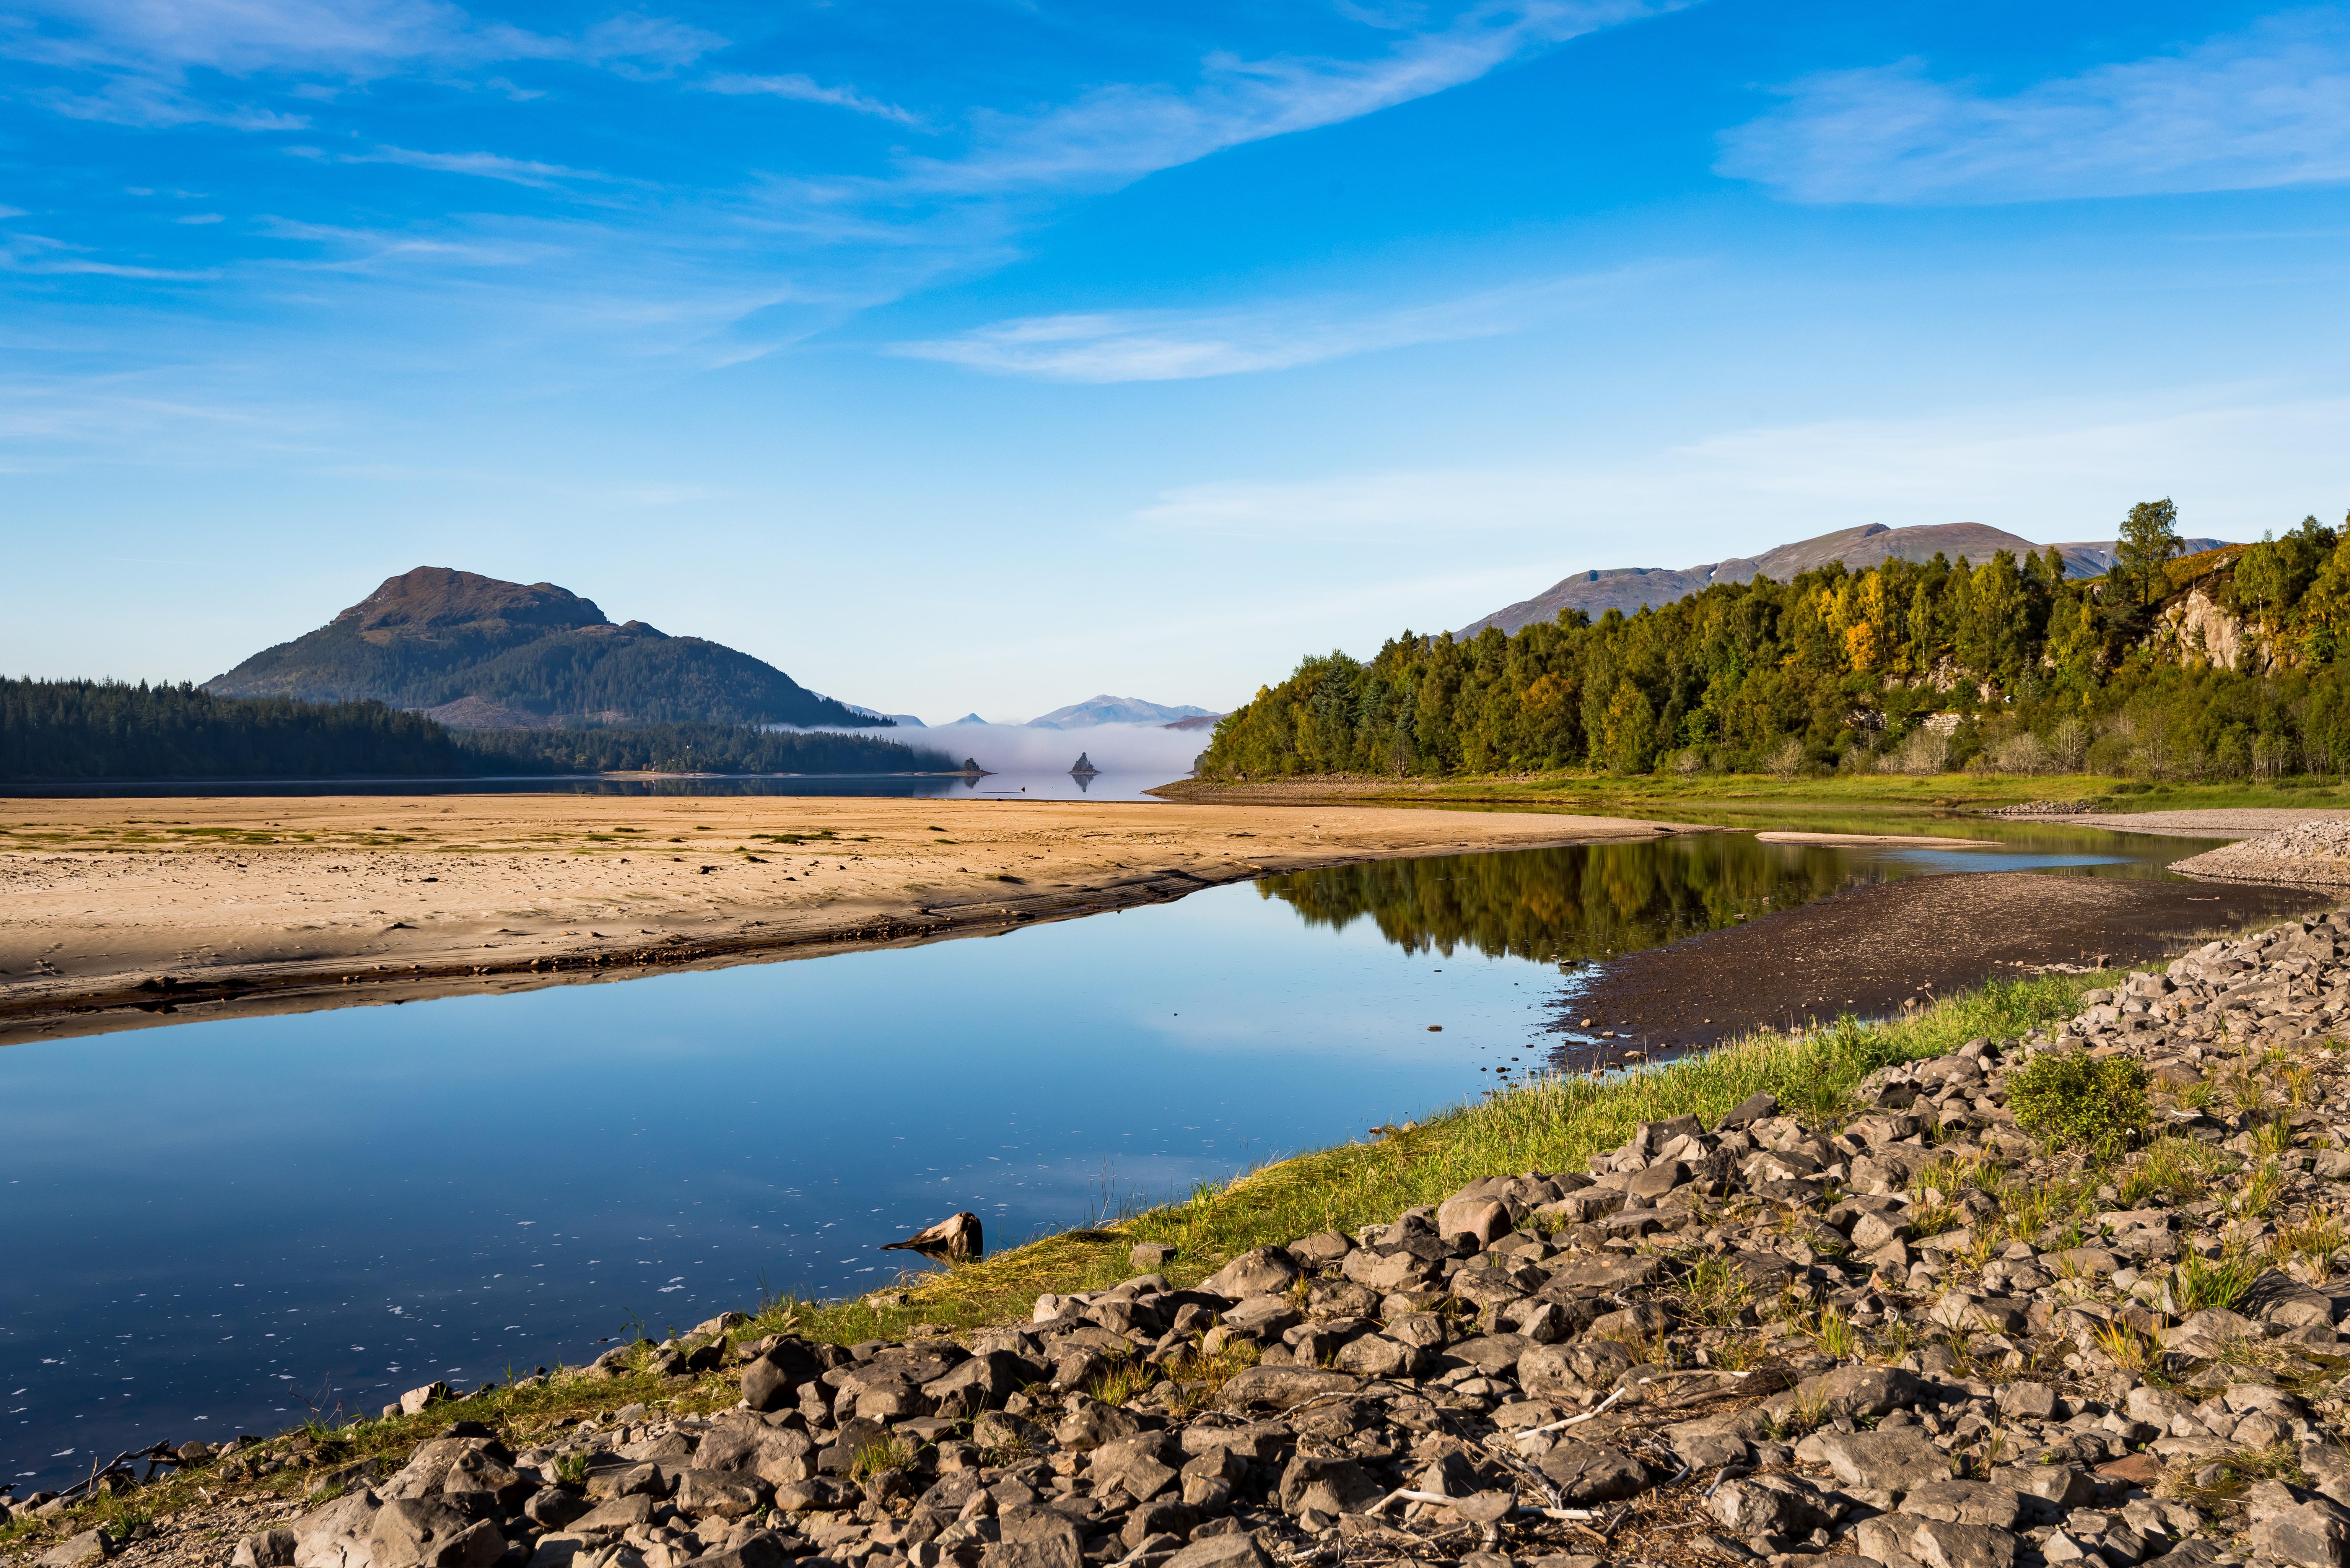 103511 Hintergrundbild 240x400 kostenlos auf deinem Handy, lade Bilder Natur, Flüsse, Mountains, Sand, Küste, Wald 240x400 auf dein Handy herunter